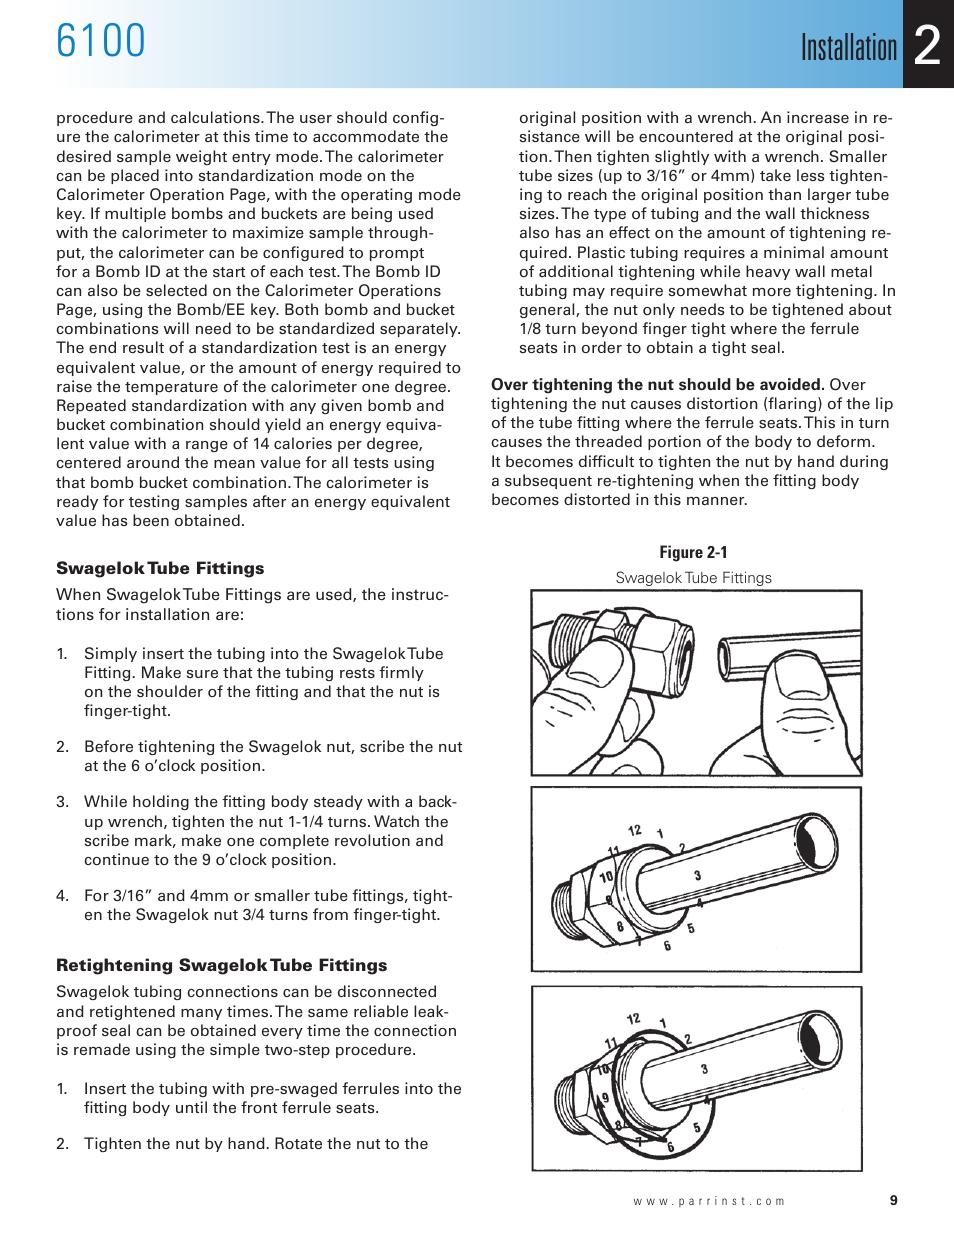 Swagelok tube fittings, retightening swagelok tube fittings.